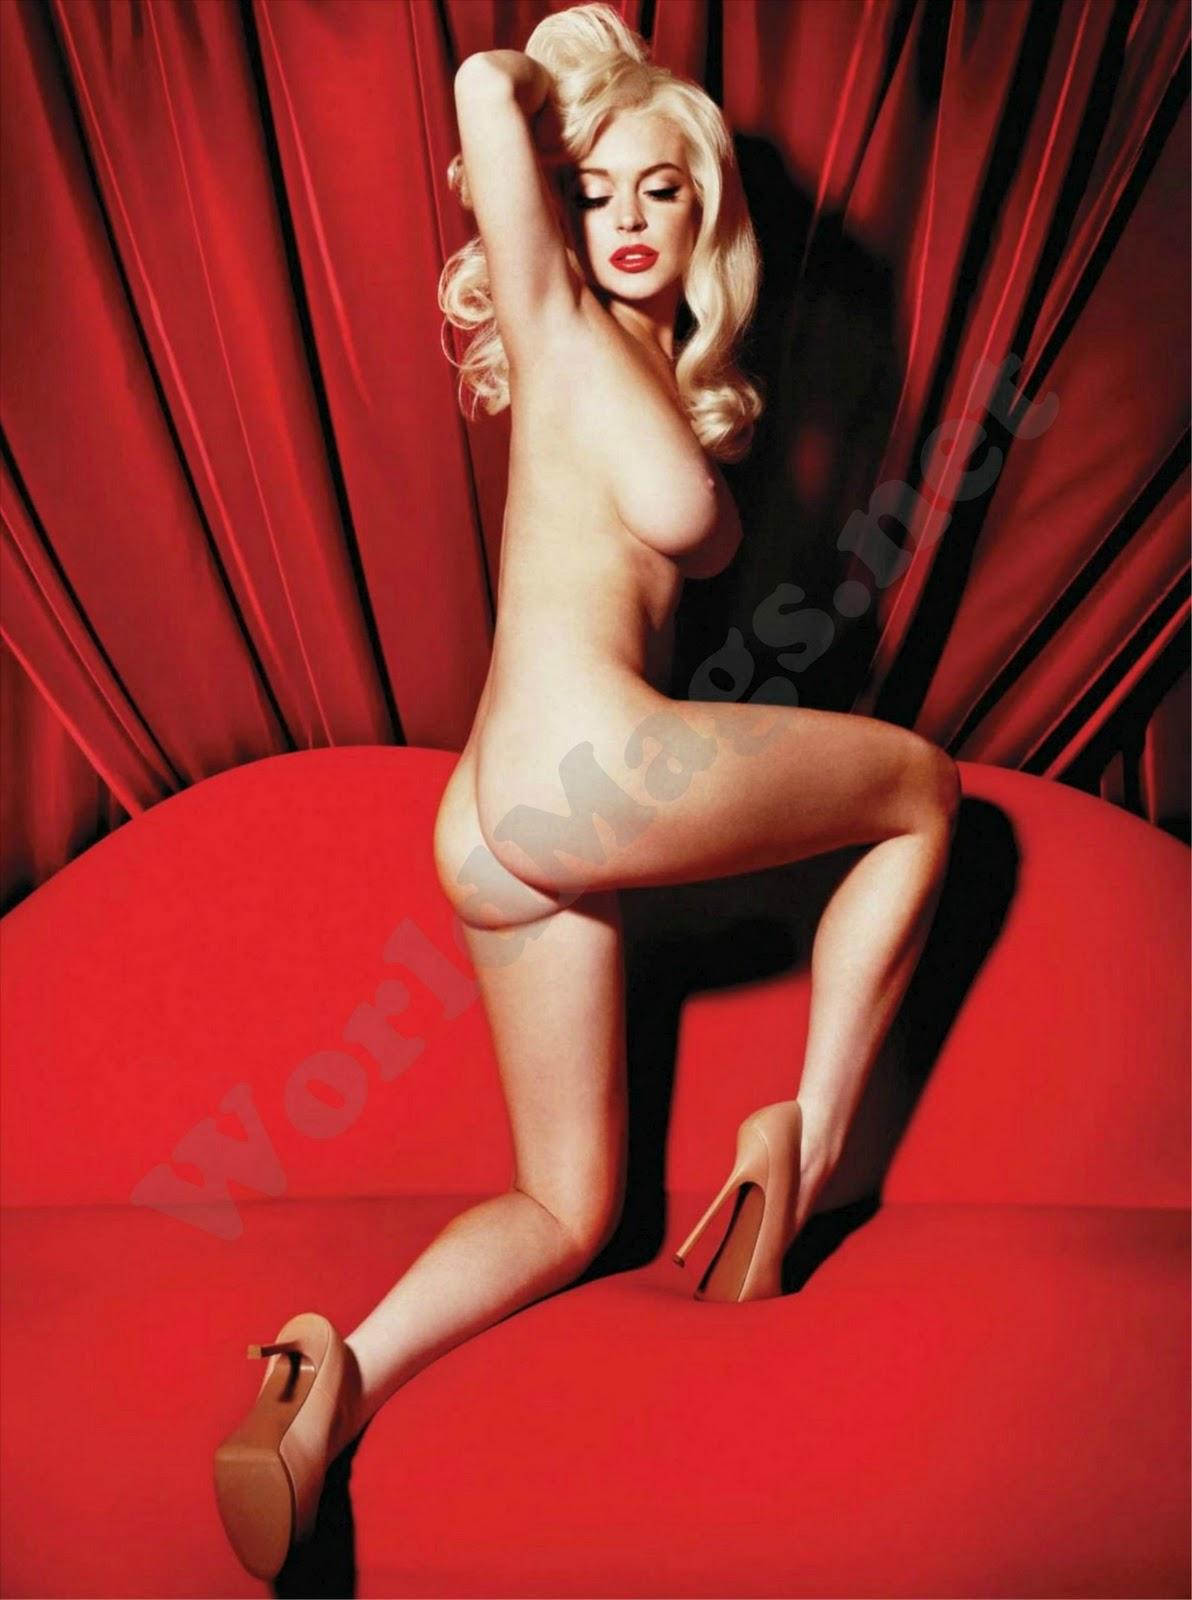 Lindsay Lohan Nude Pose 48